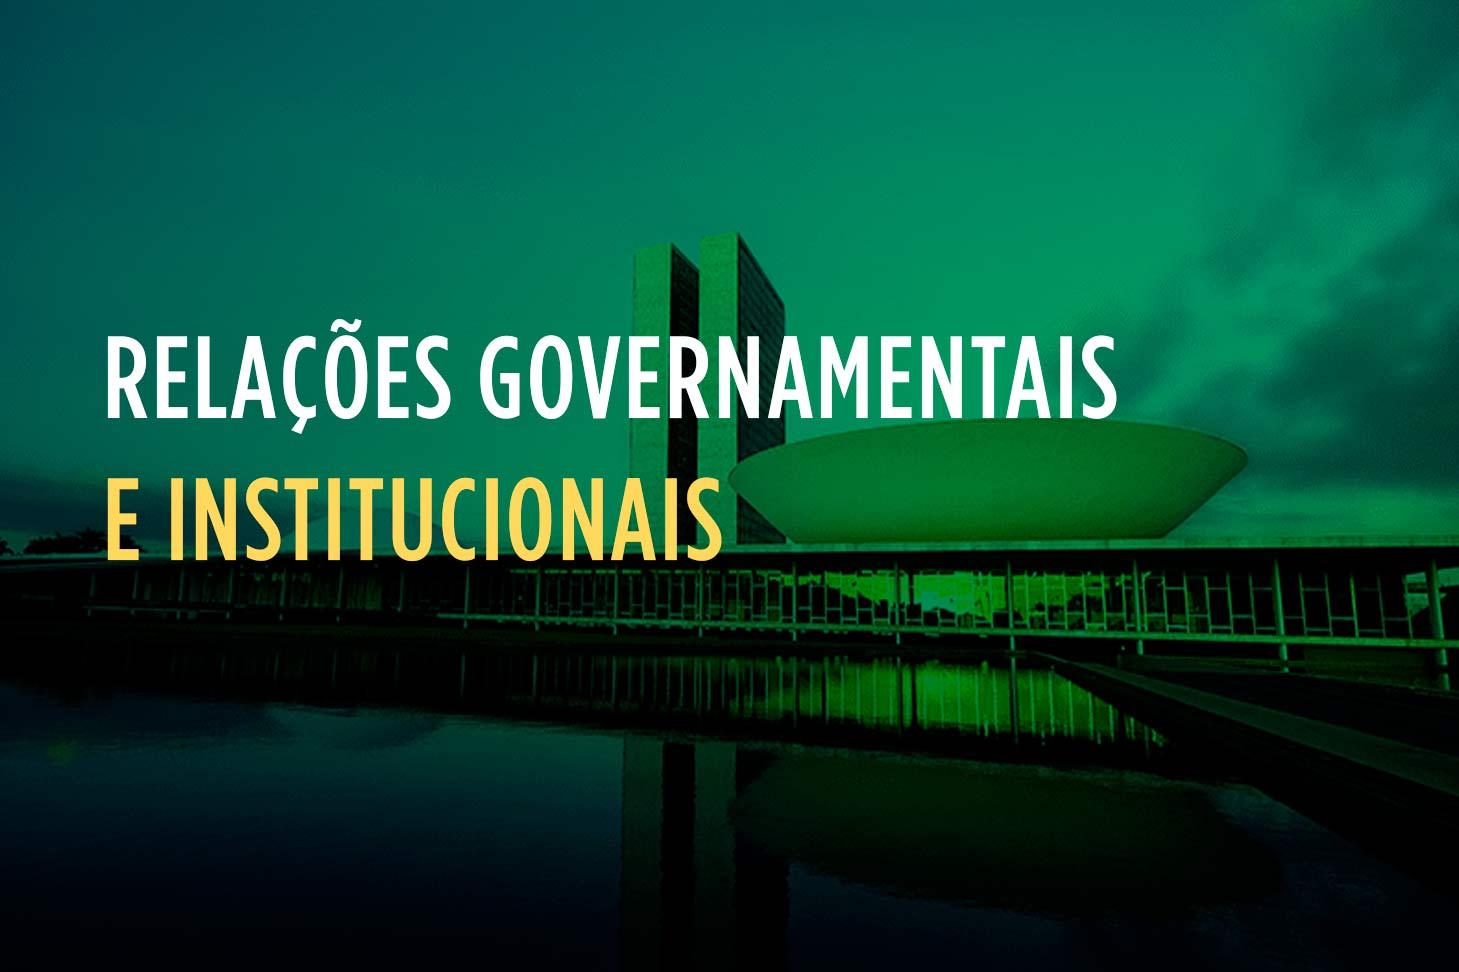 relacoes-governamentais